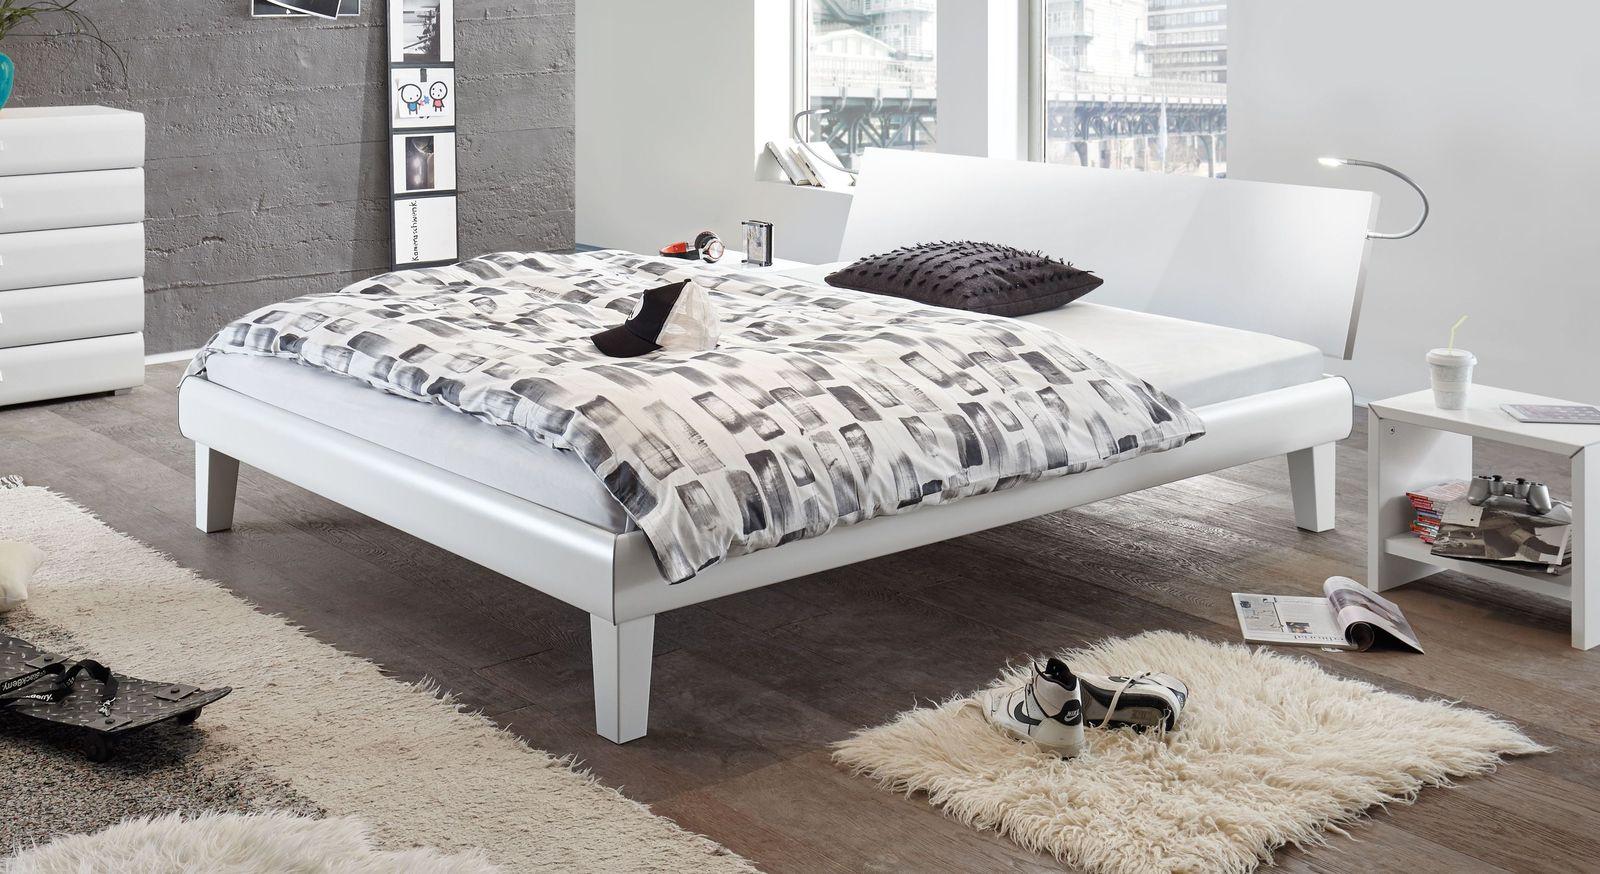 Bett Arona mit weißer MDF-Oberfläche